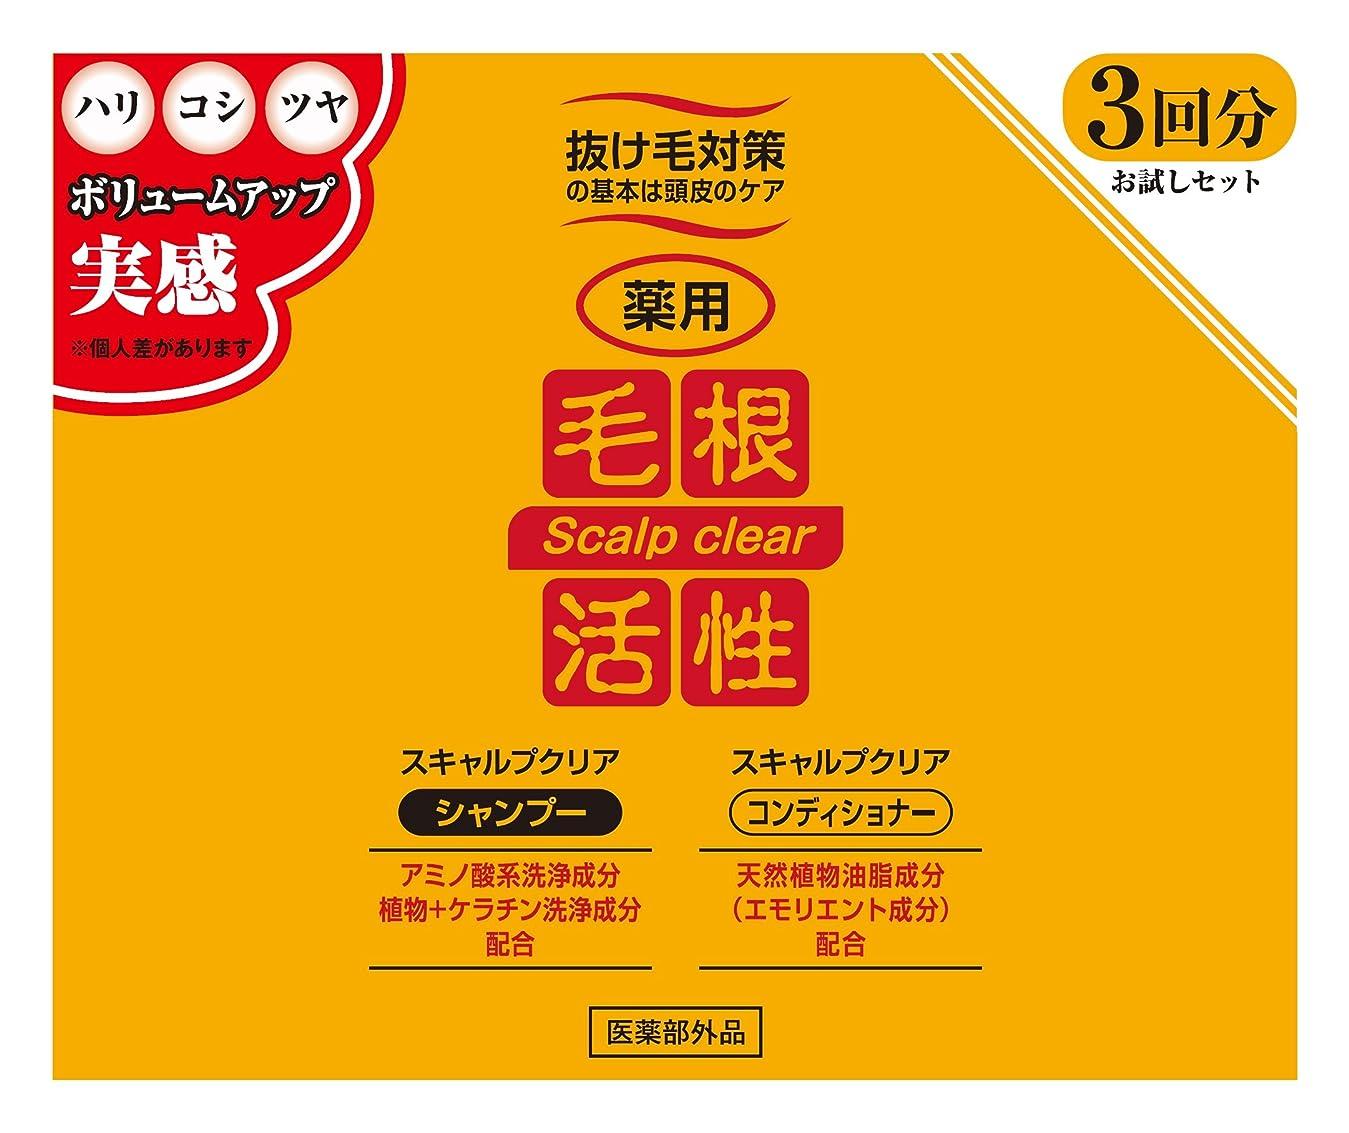 水っぽい光の裏切り者薬用 毛根活性 シャンプー&コンディショナー 3日間お試しセット (シャンプー10ml×3個 + コンディショナー10ml×3個)